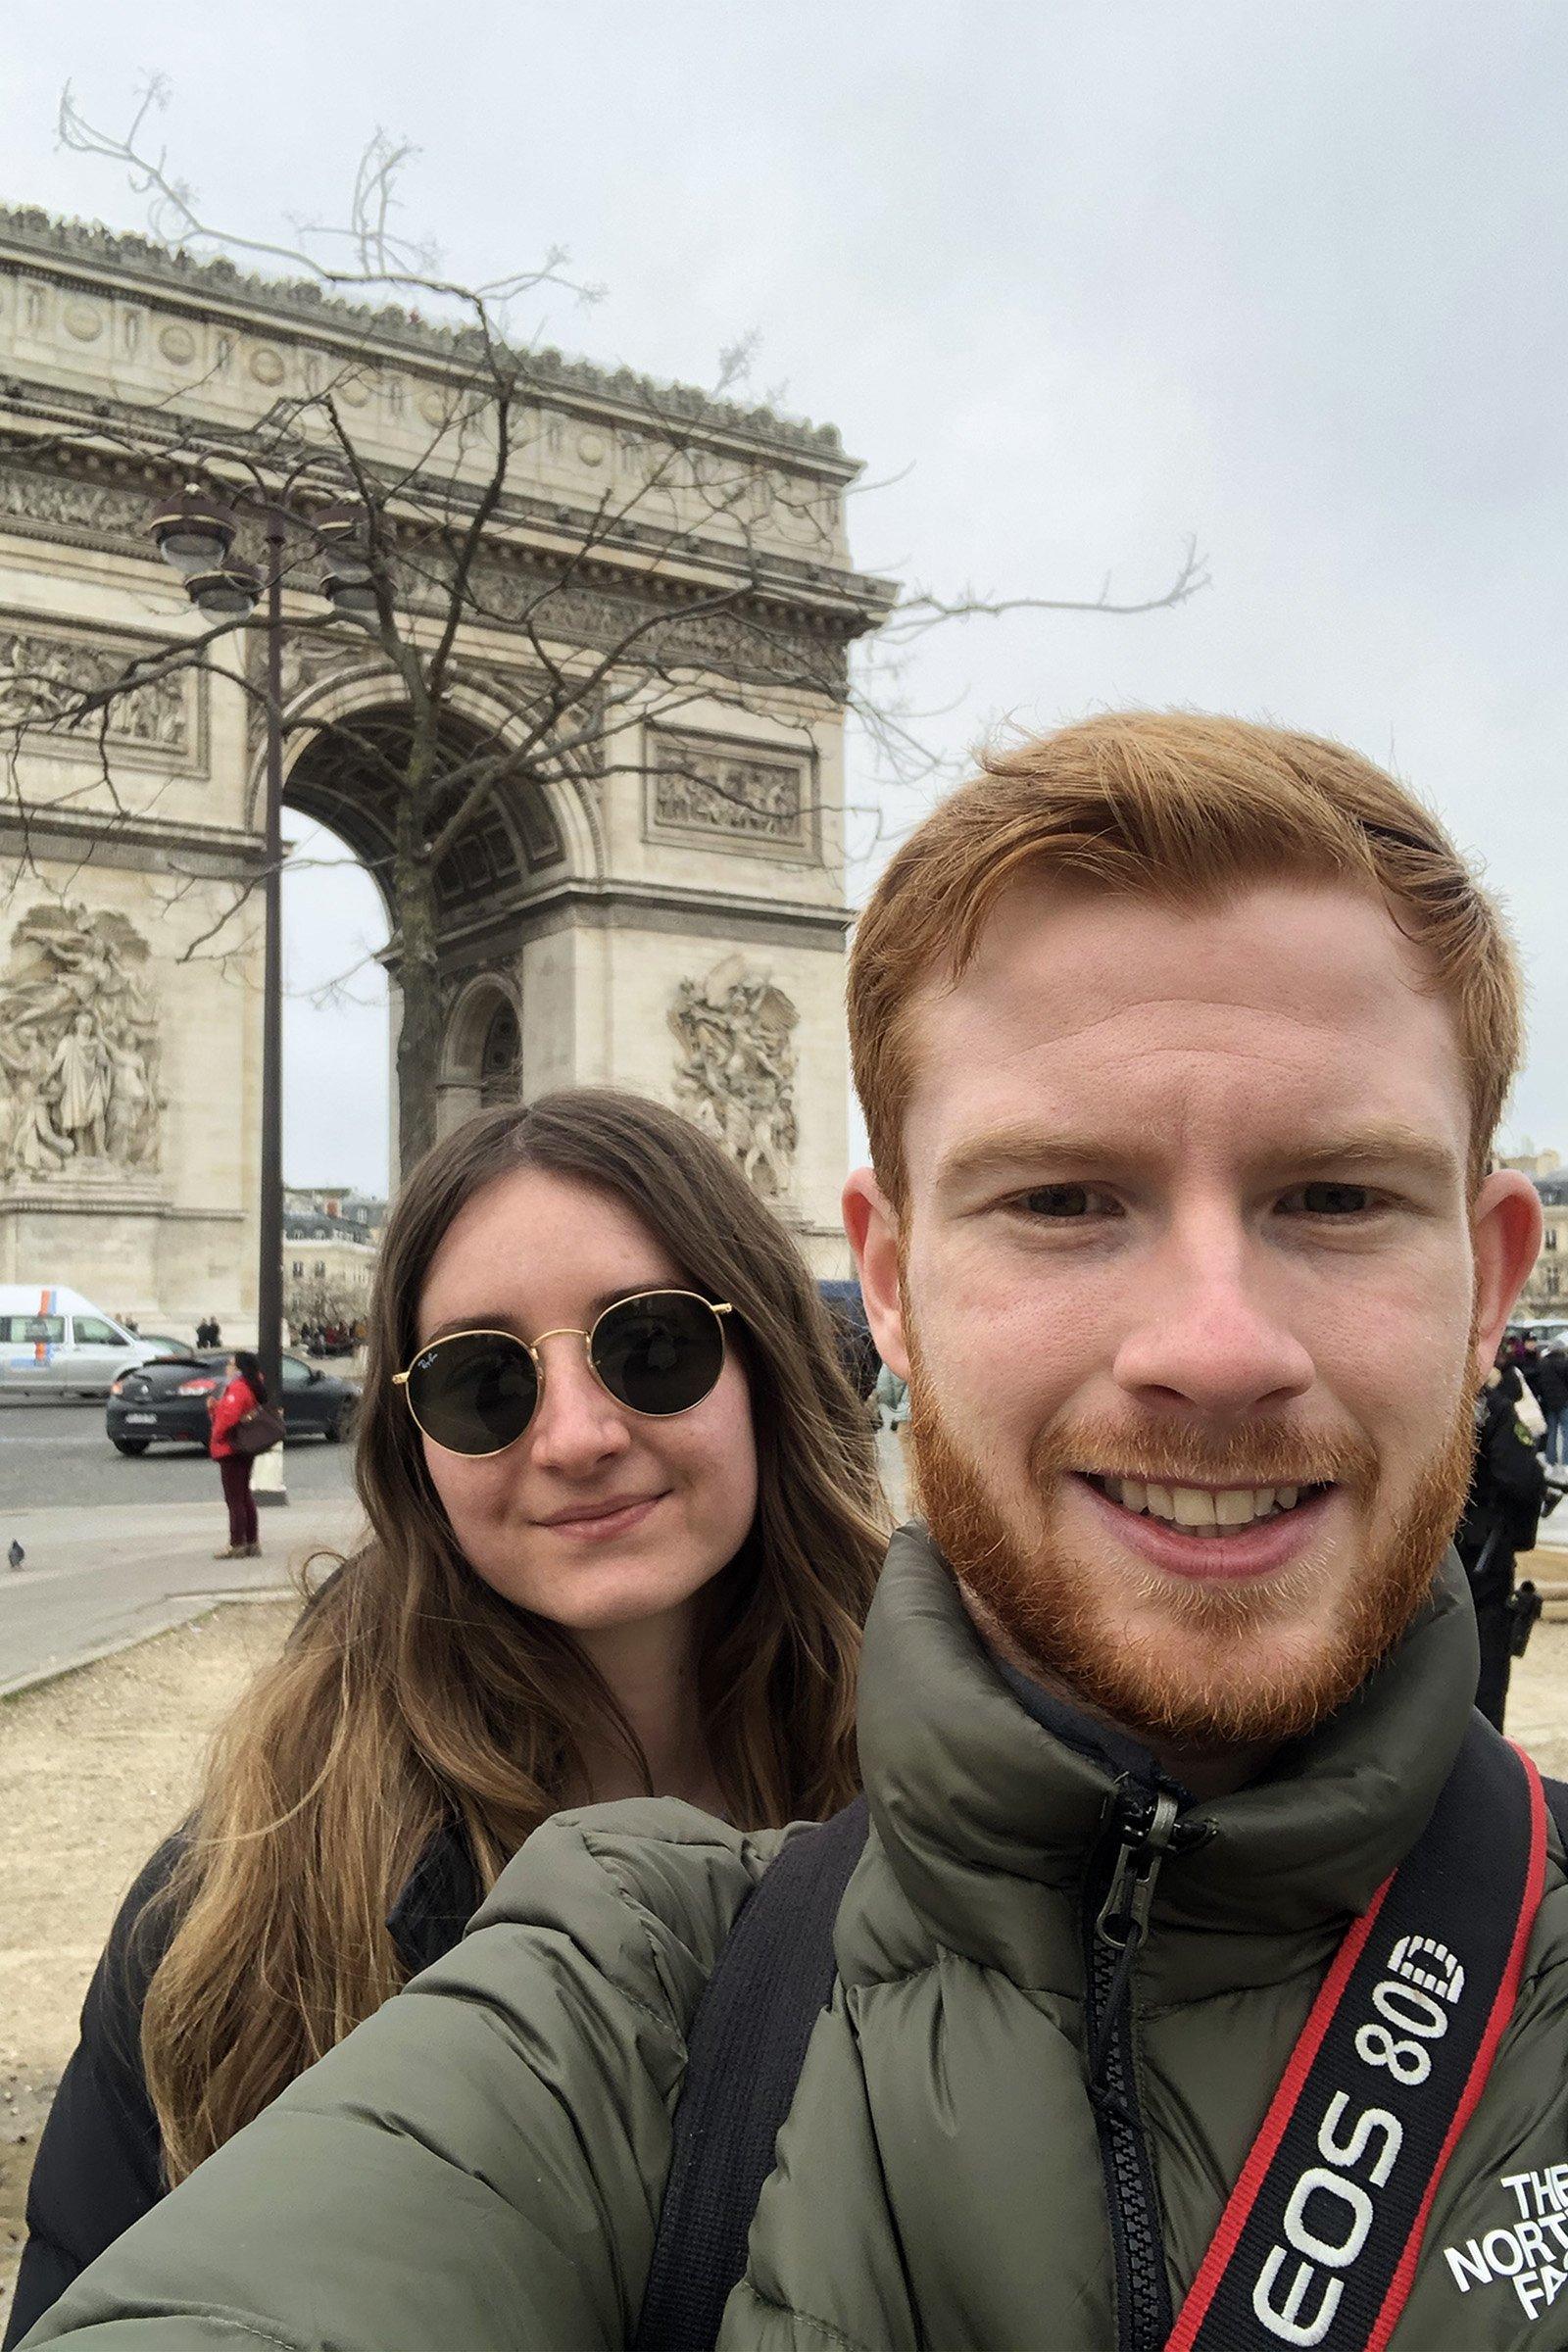 Selfie in front of Arc de Triomphe